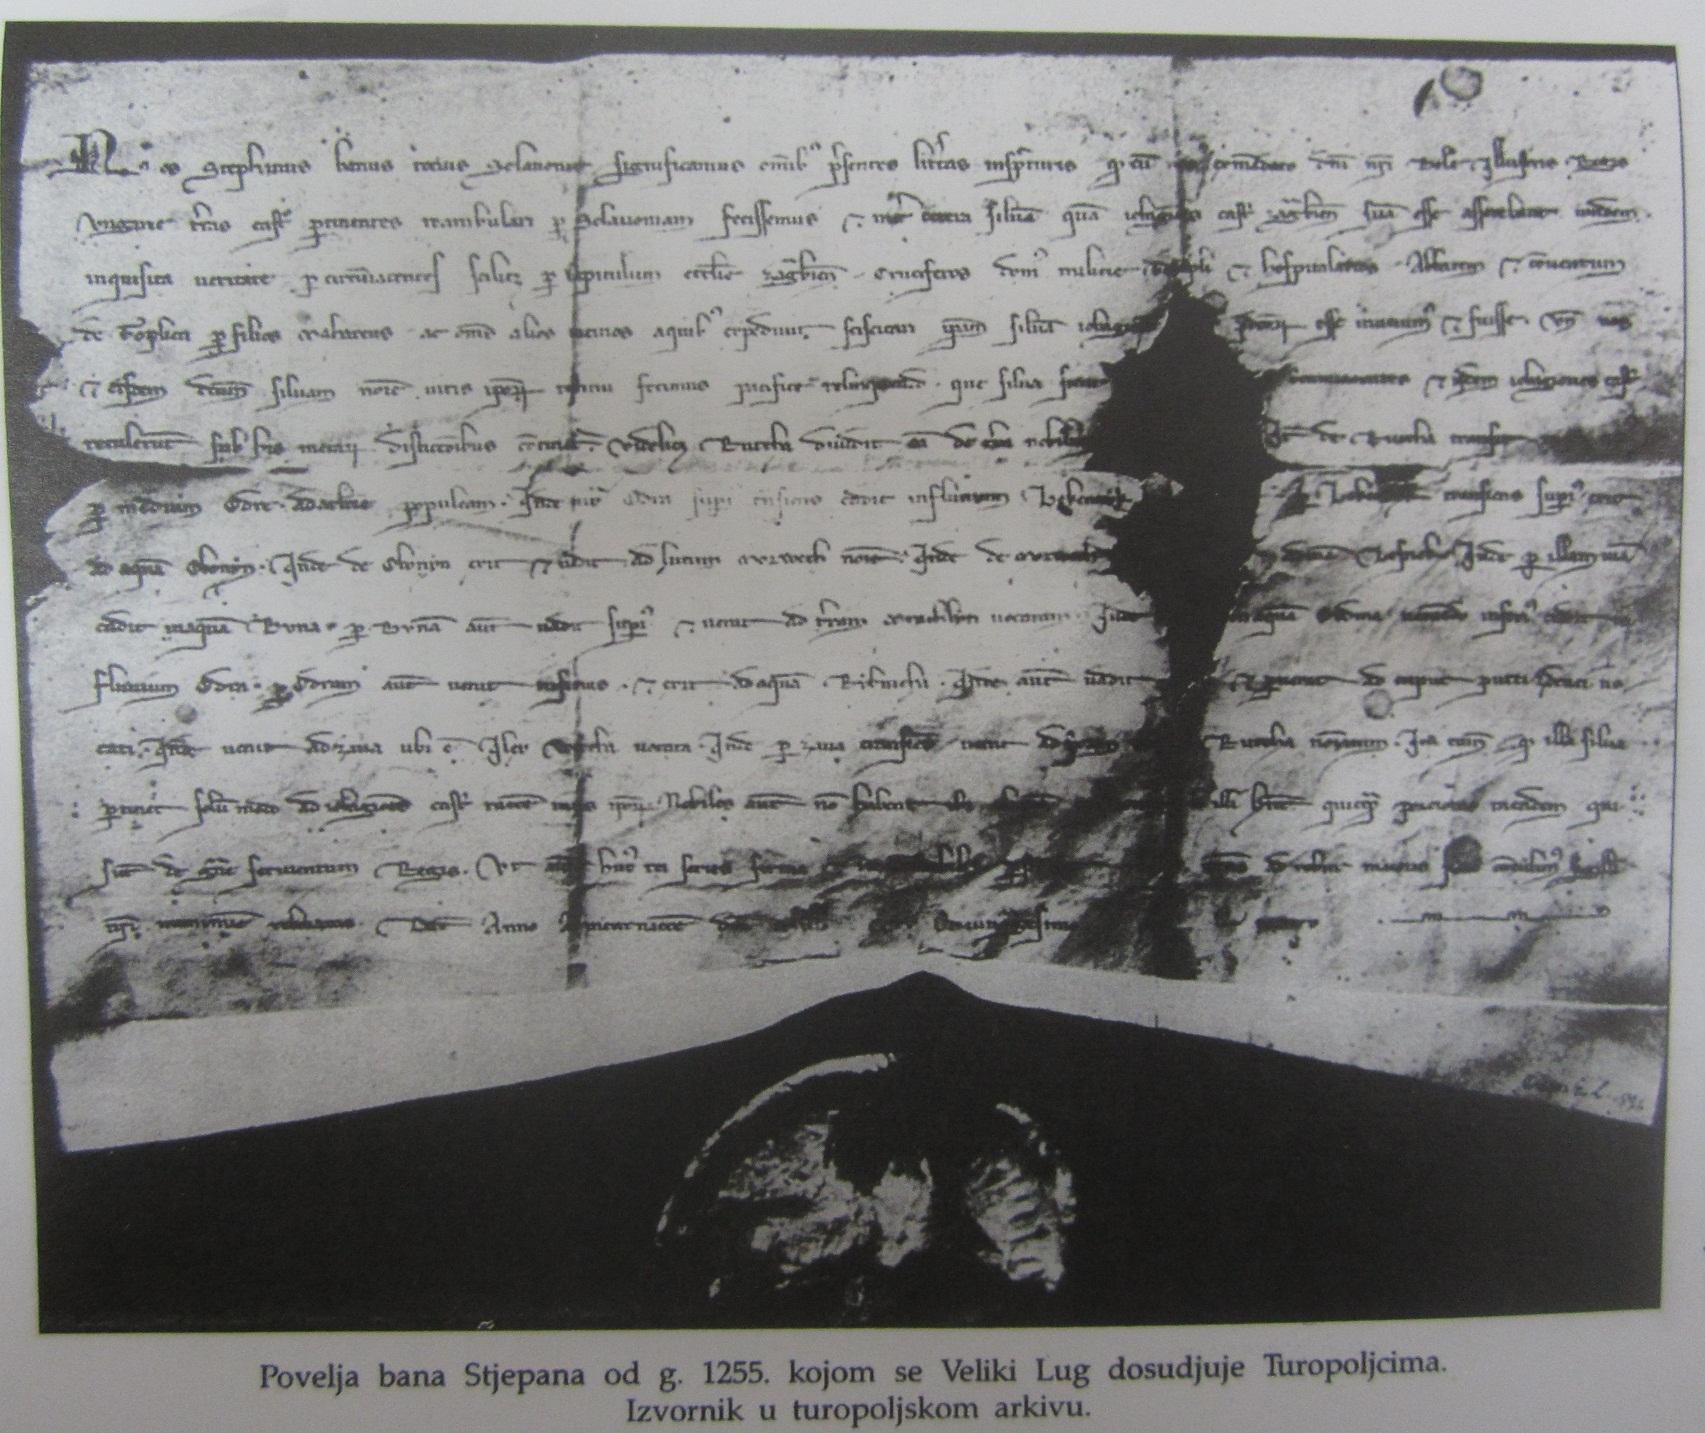 Povelja bana Stjelana (1255.)